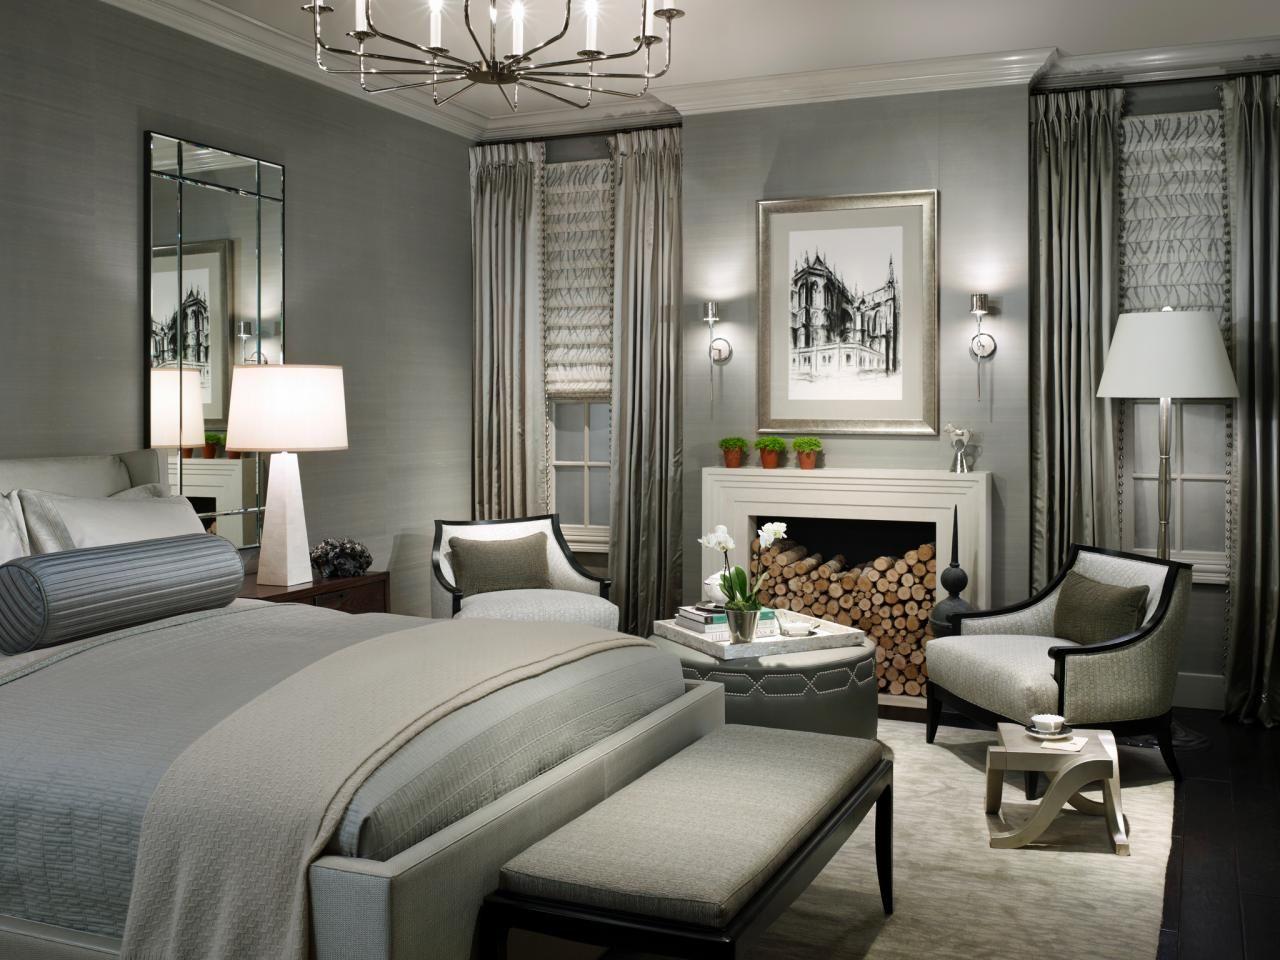 Trending 20 Bedroom Designs To Watch For In